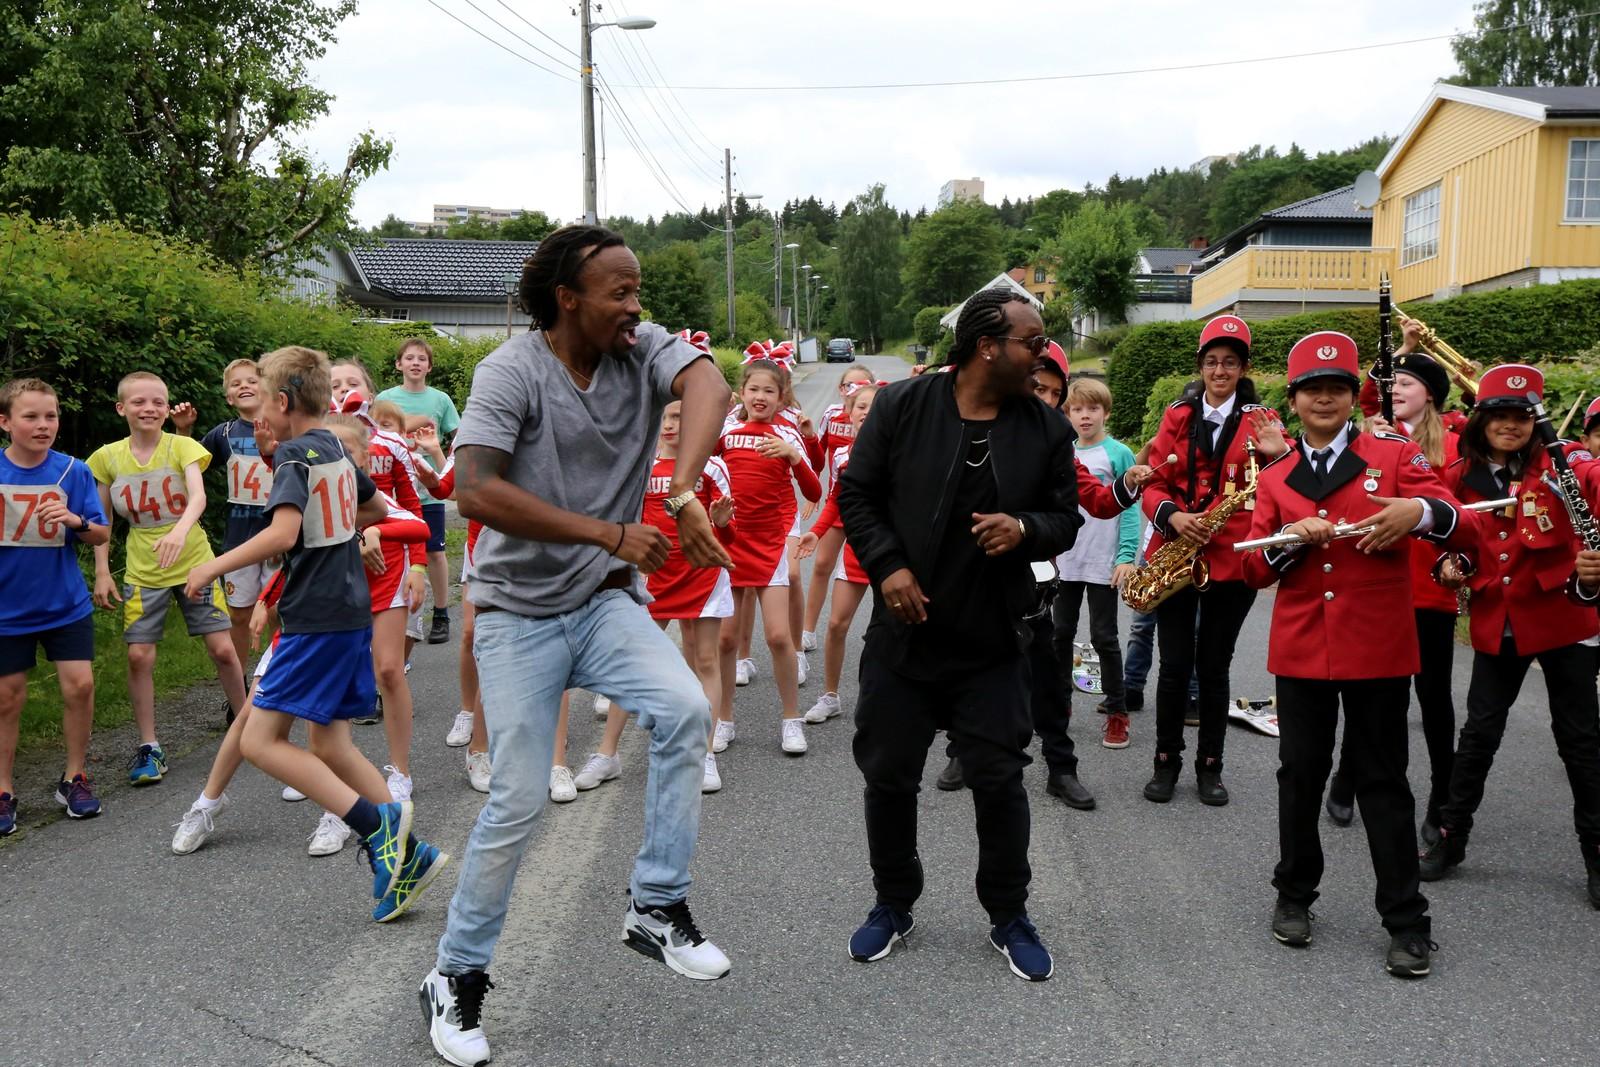 OPPTOG: I videoen danser Tshawe og Yosef fra Madcon i spissen for en prosesjon av korpsmusikanter, løpere, skatere og cheerleadere.